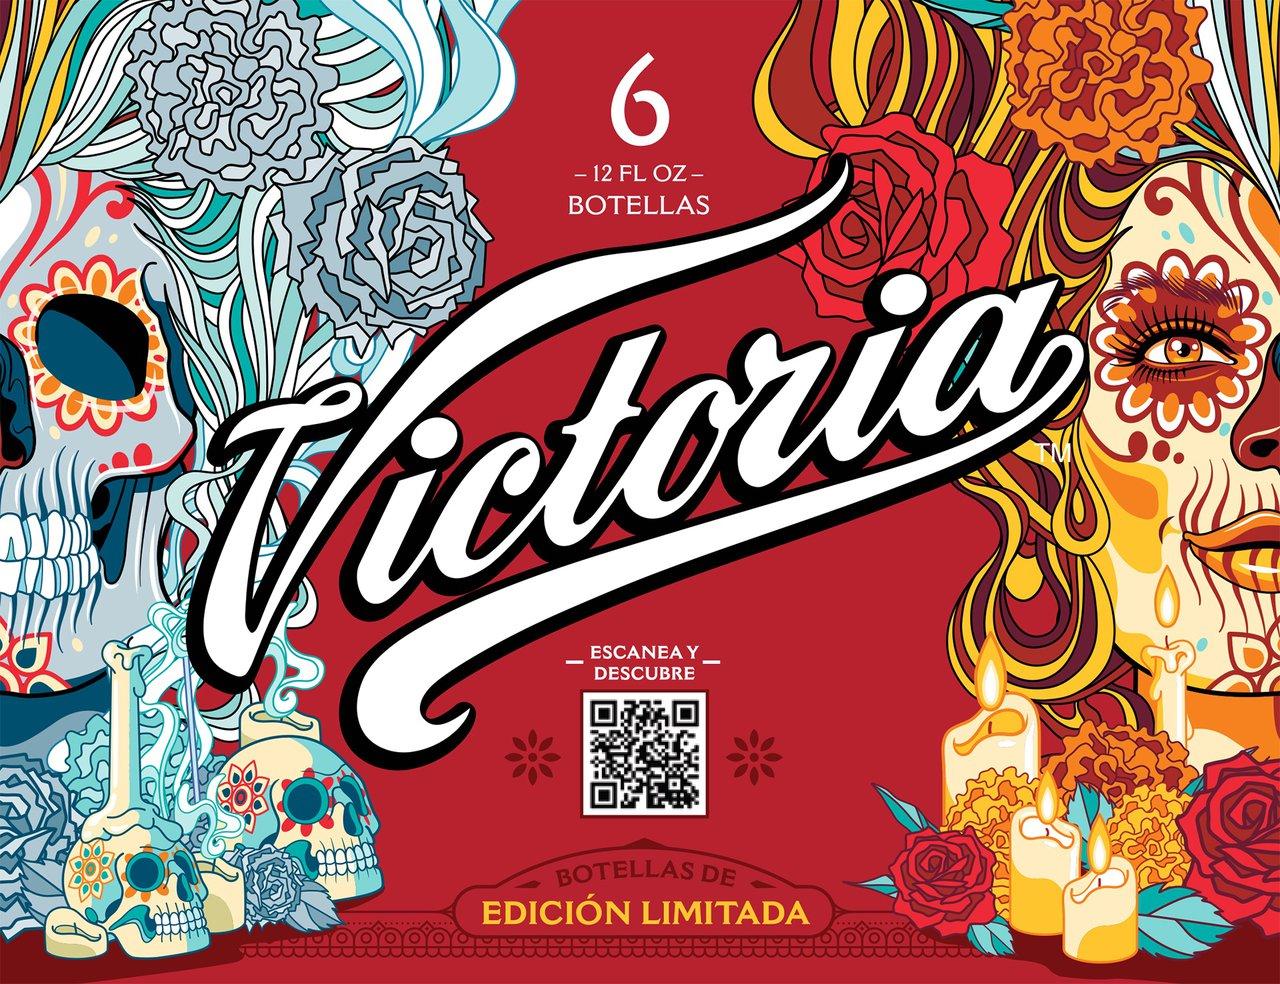 Victoria's Dia De Los Muertos photo image.jpg